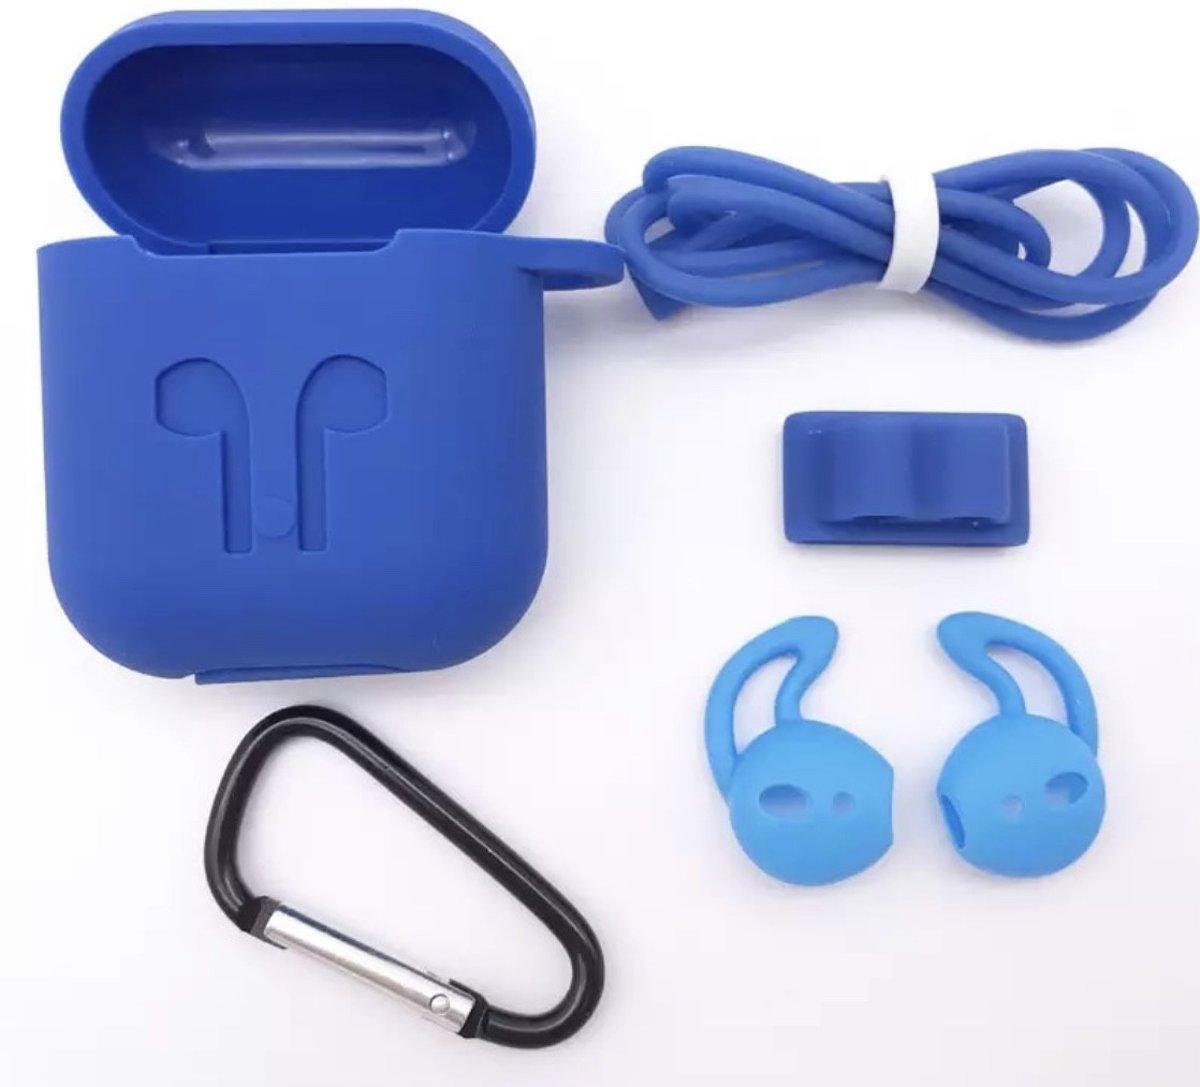 Siliconen Case Cover voor Apple Airpods - 5 in 1 set met Anti Lost Strap en Haak - Donkel blauw kopen